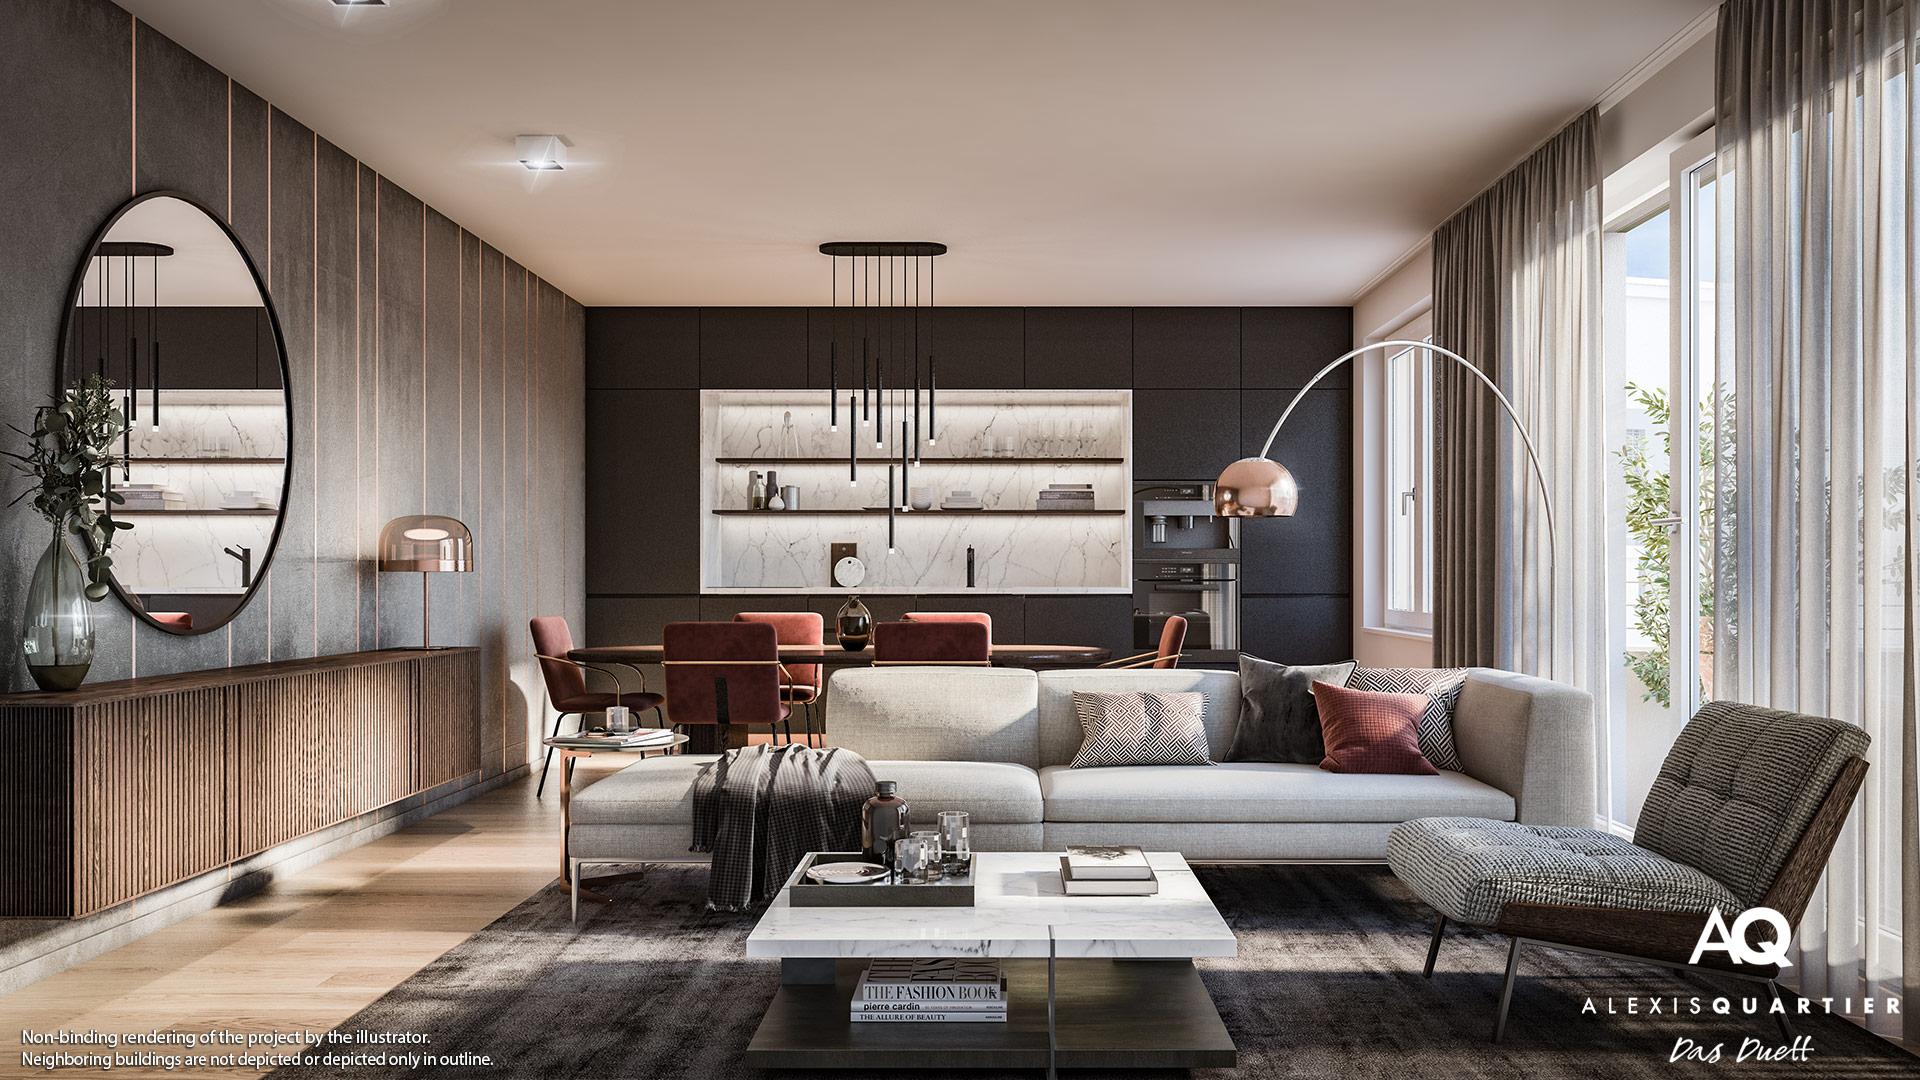 Condominiums Alexisquartier - Das Duett - Illustration 10